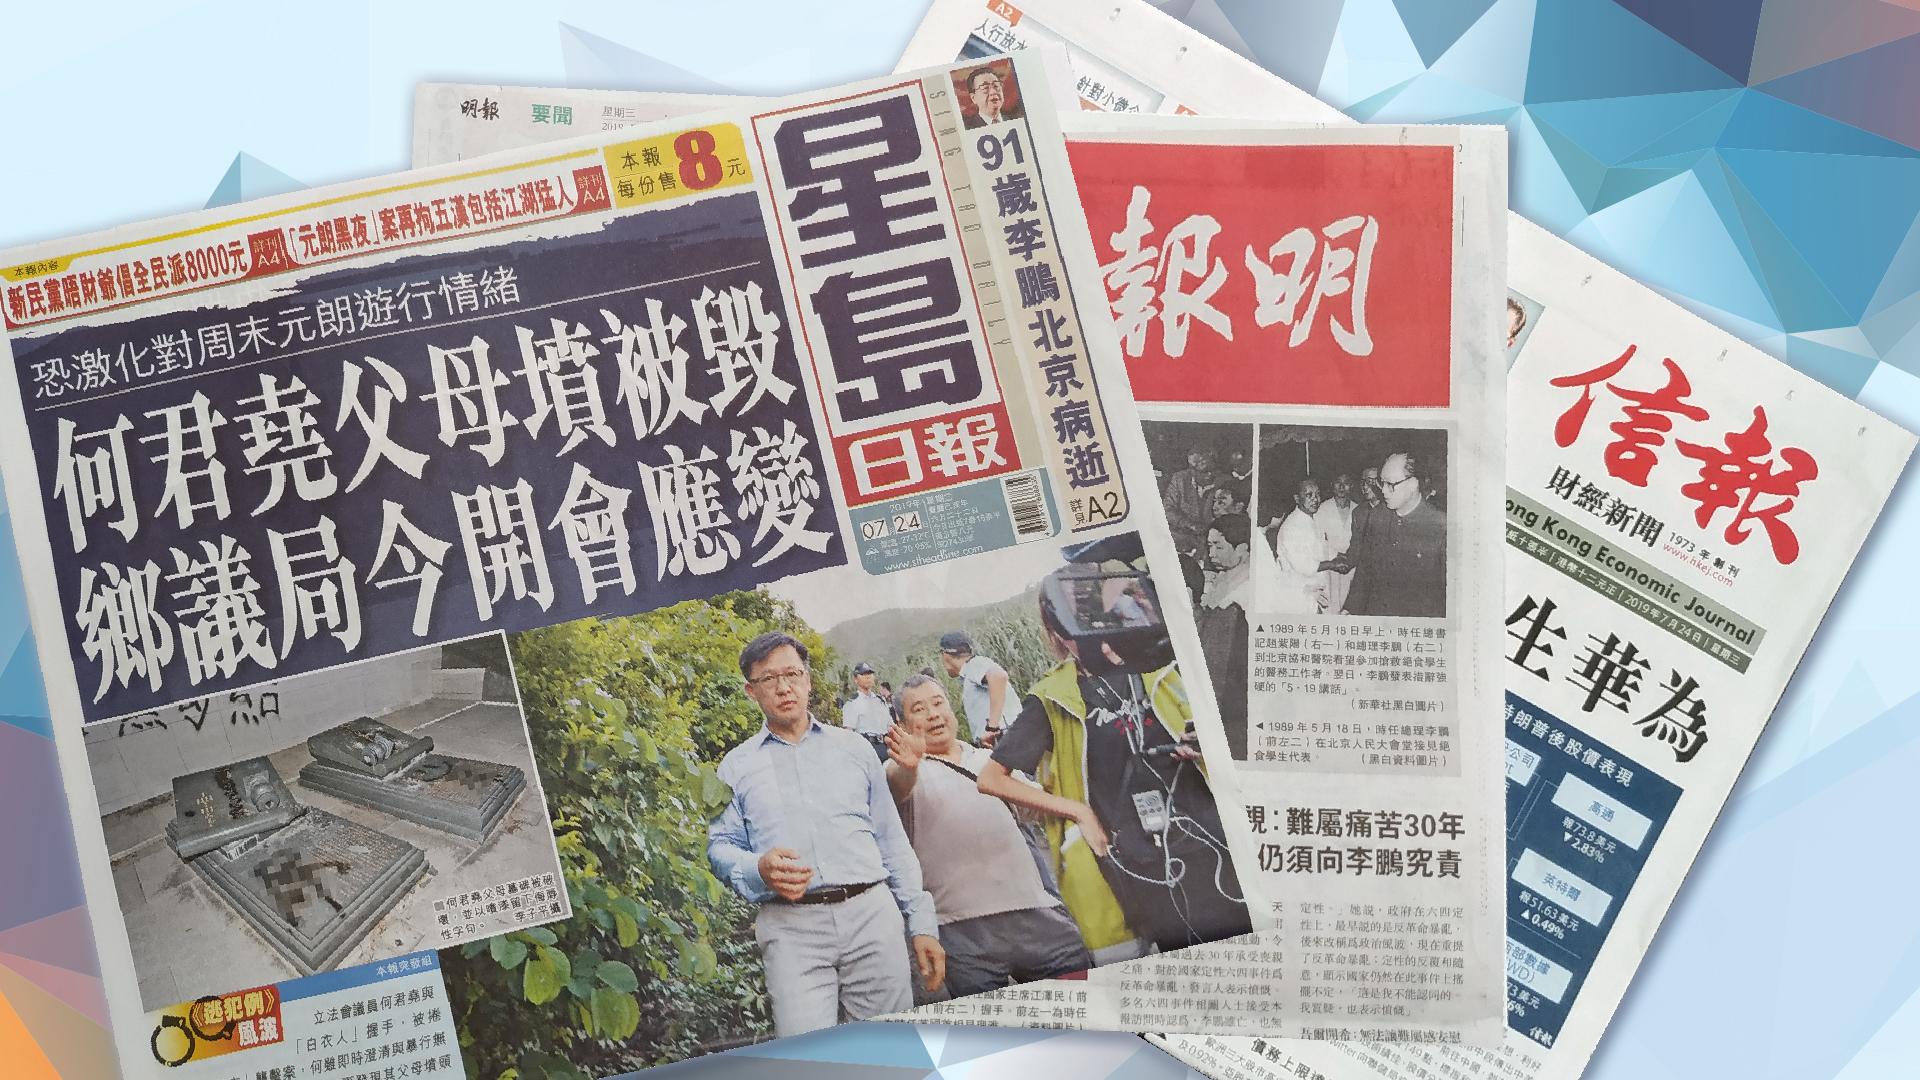 【報章A1速覽】何君堯父母墳被毀 鄉議局今開會應變;有份決定六四鎮壓 李鵬病逝